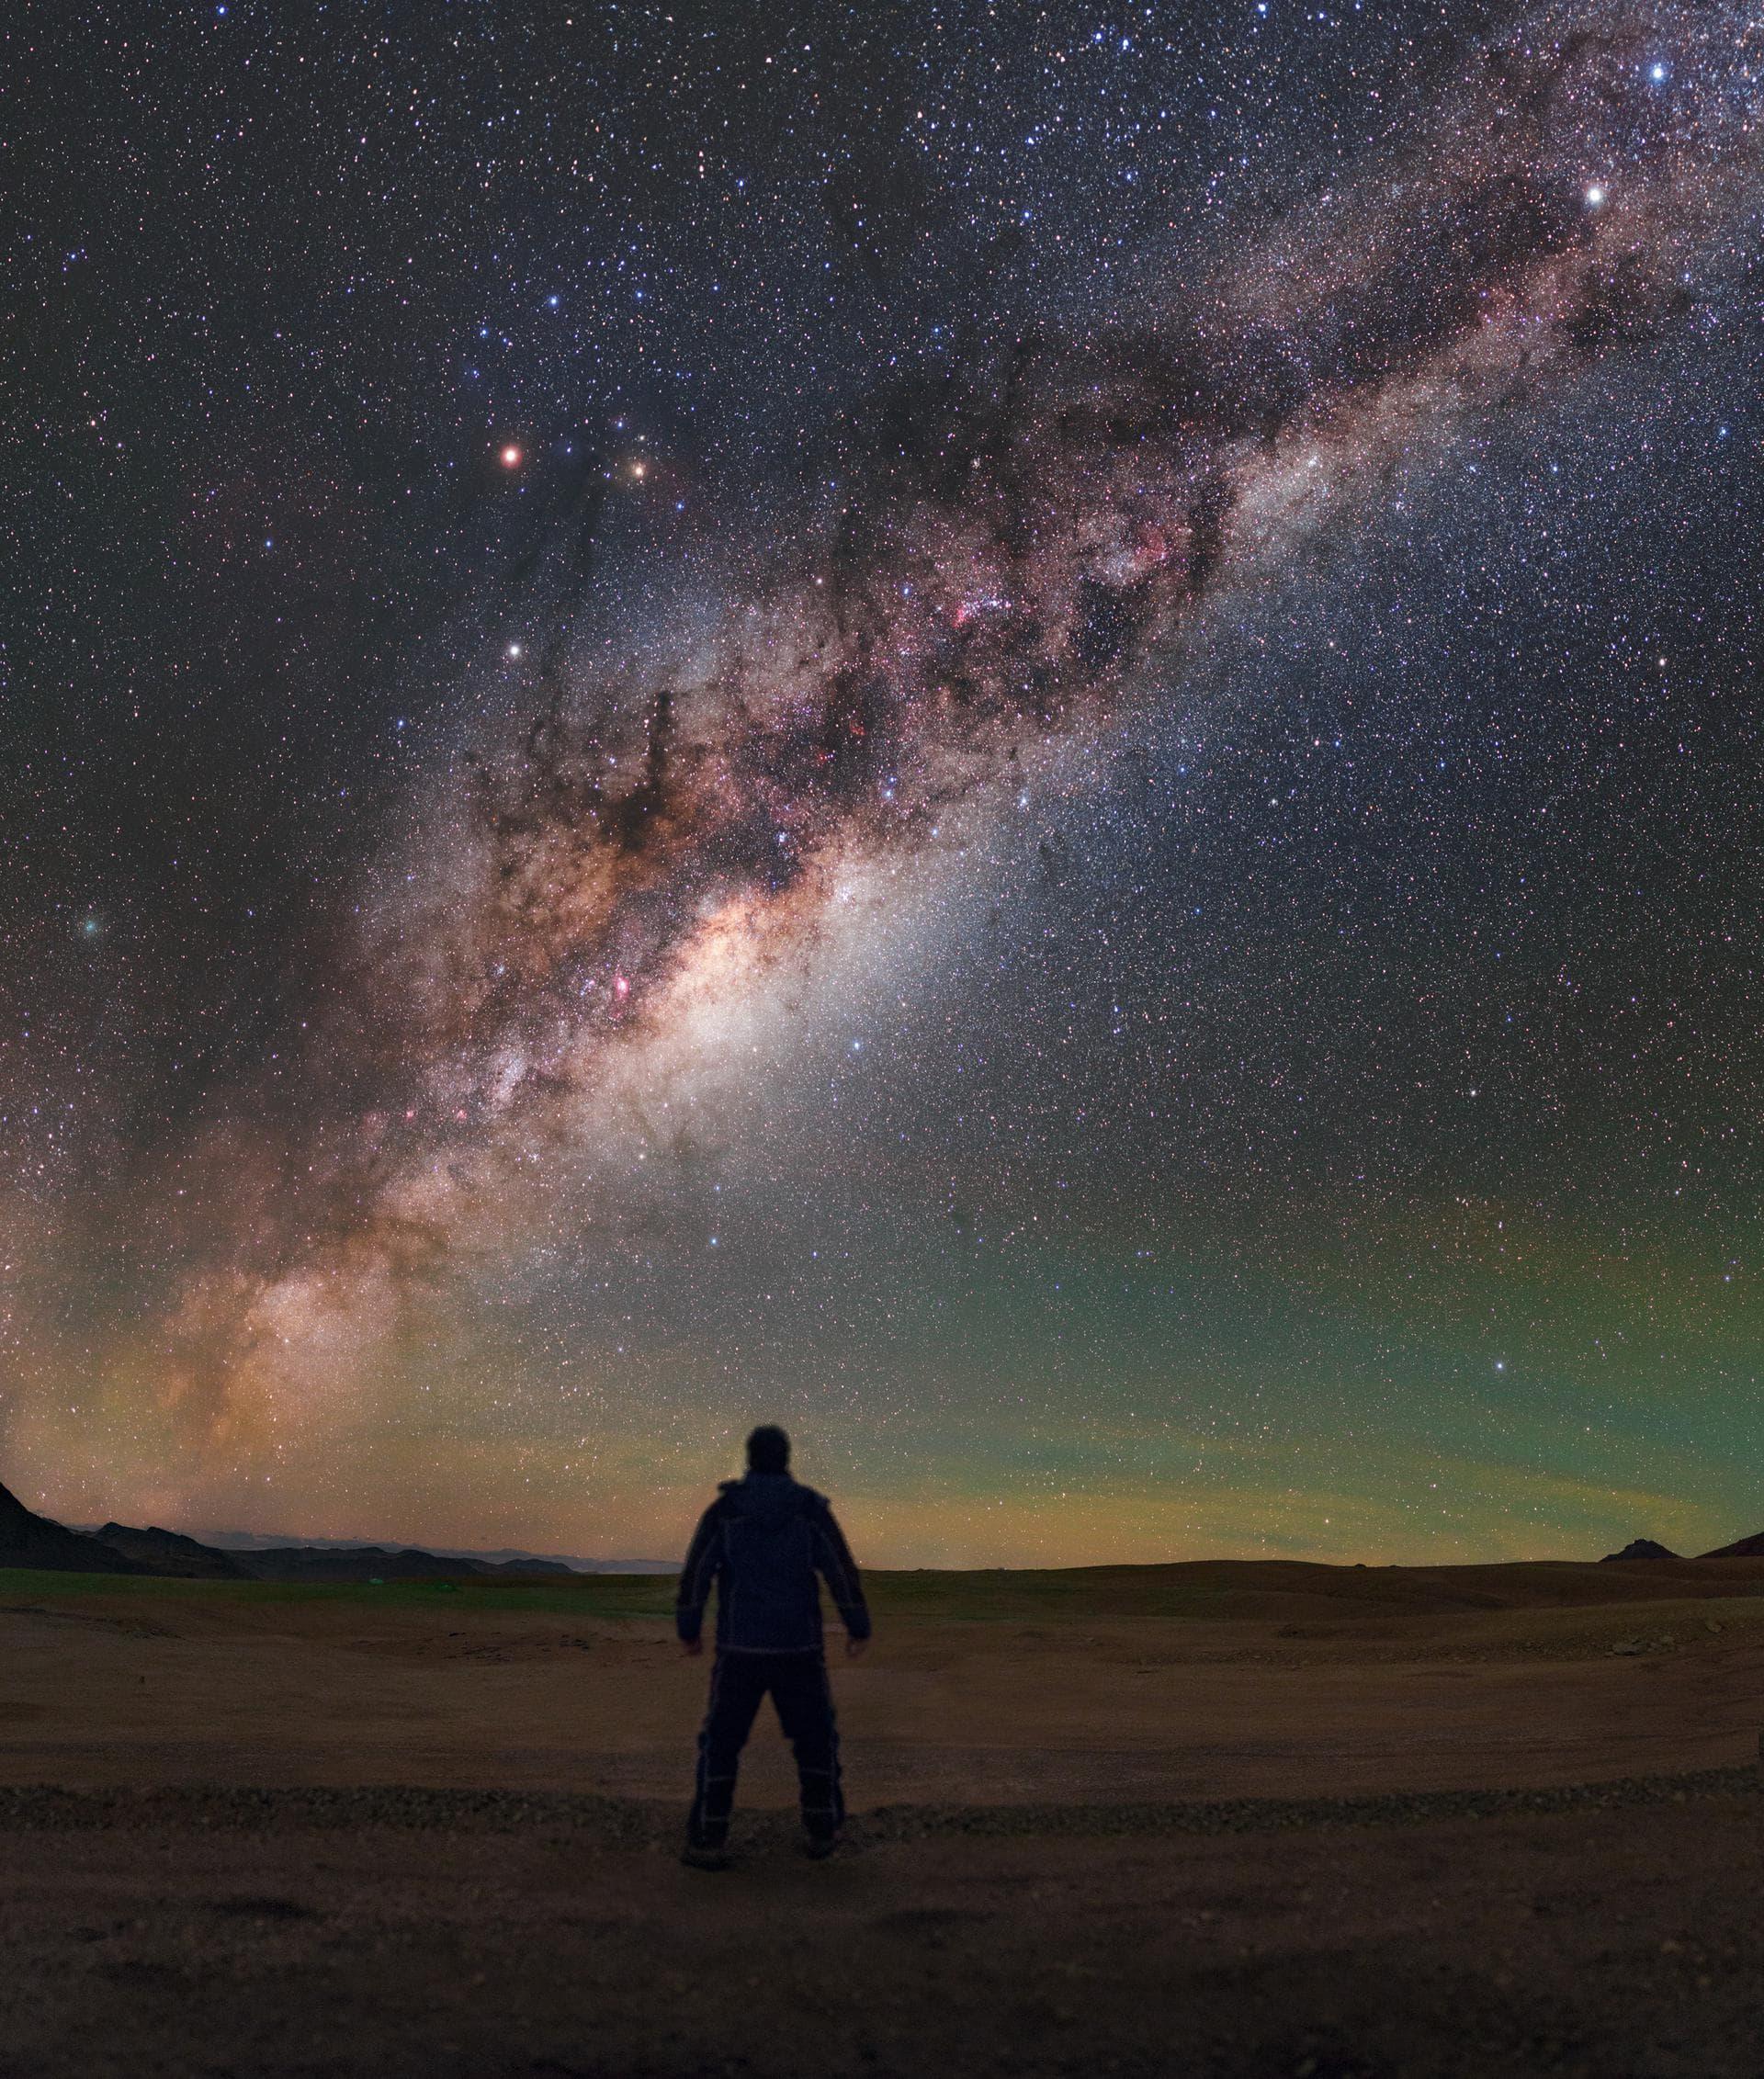 самые необычные фотографии космоса стили